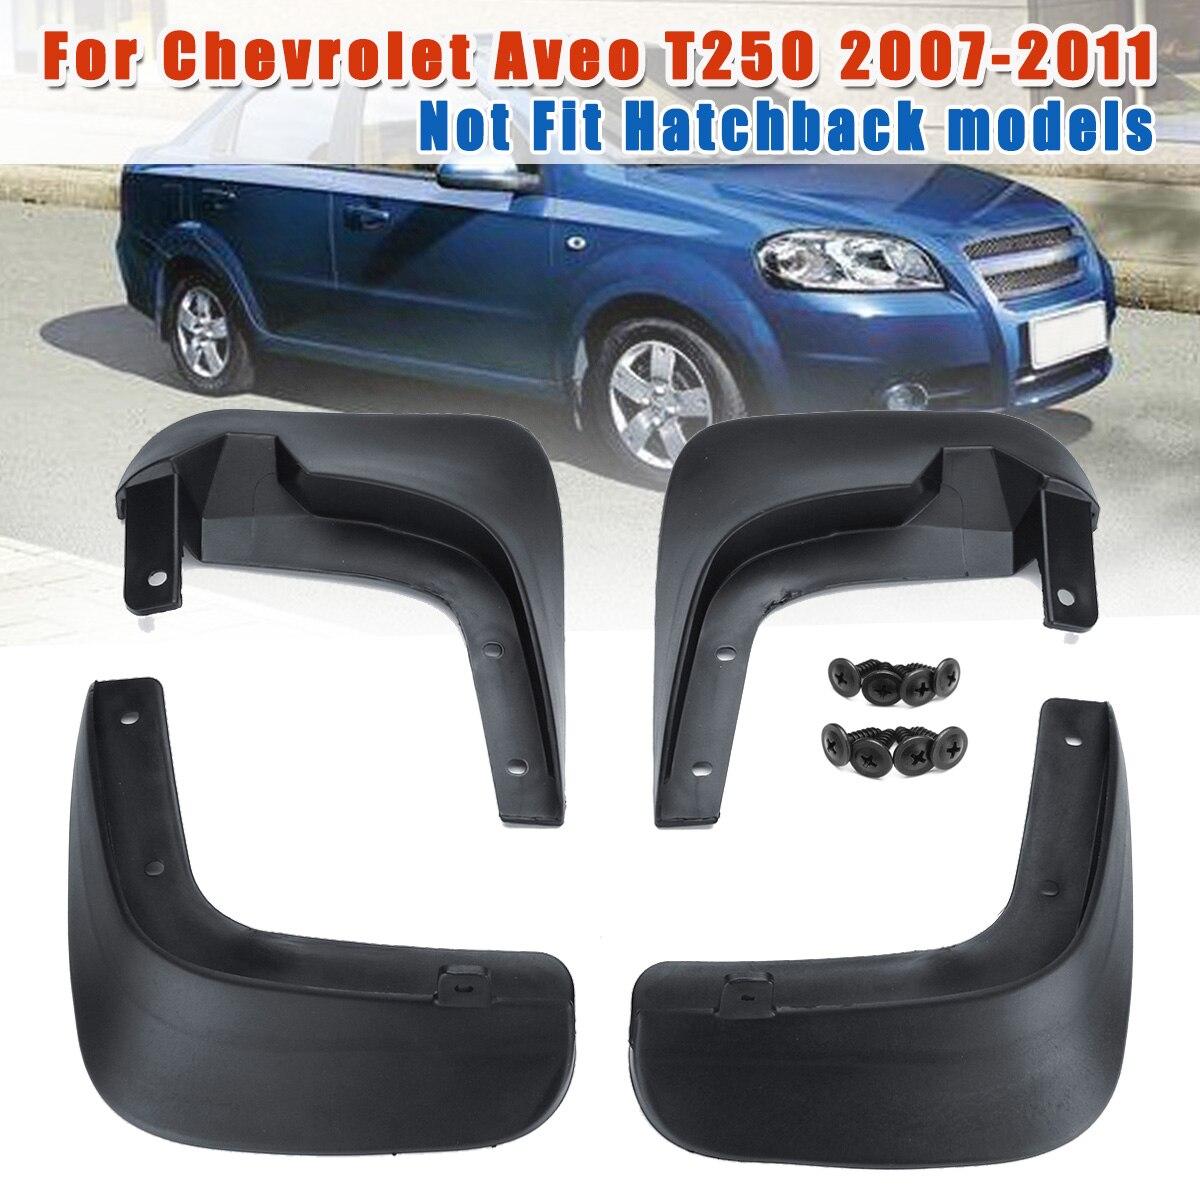 Voor Chevrolet Aveo T250 2007 2008 2009 2010 2011 Auto Spatlappen Voor Achter Wielkasten Auto Spatlappen Spatborden Splash guard